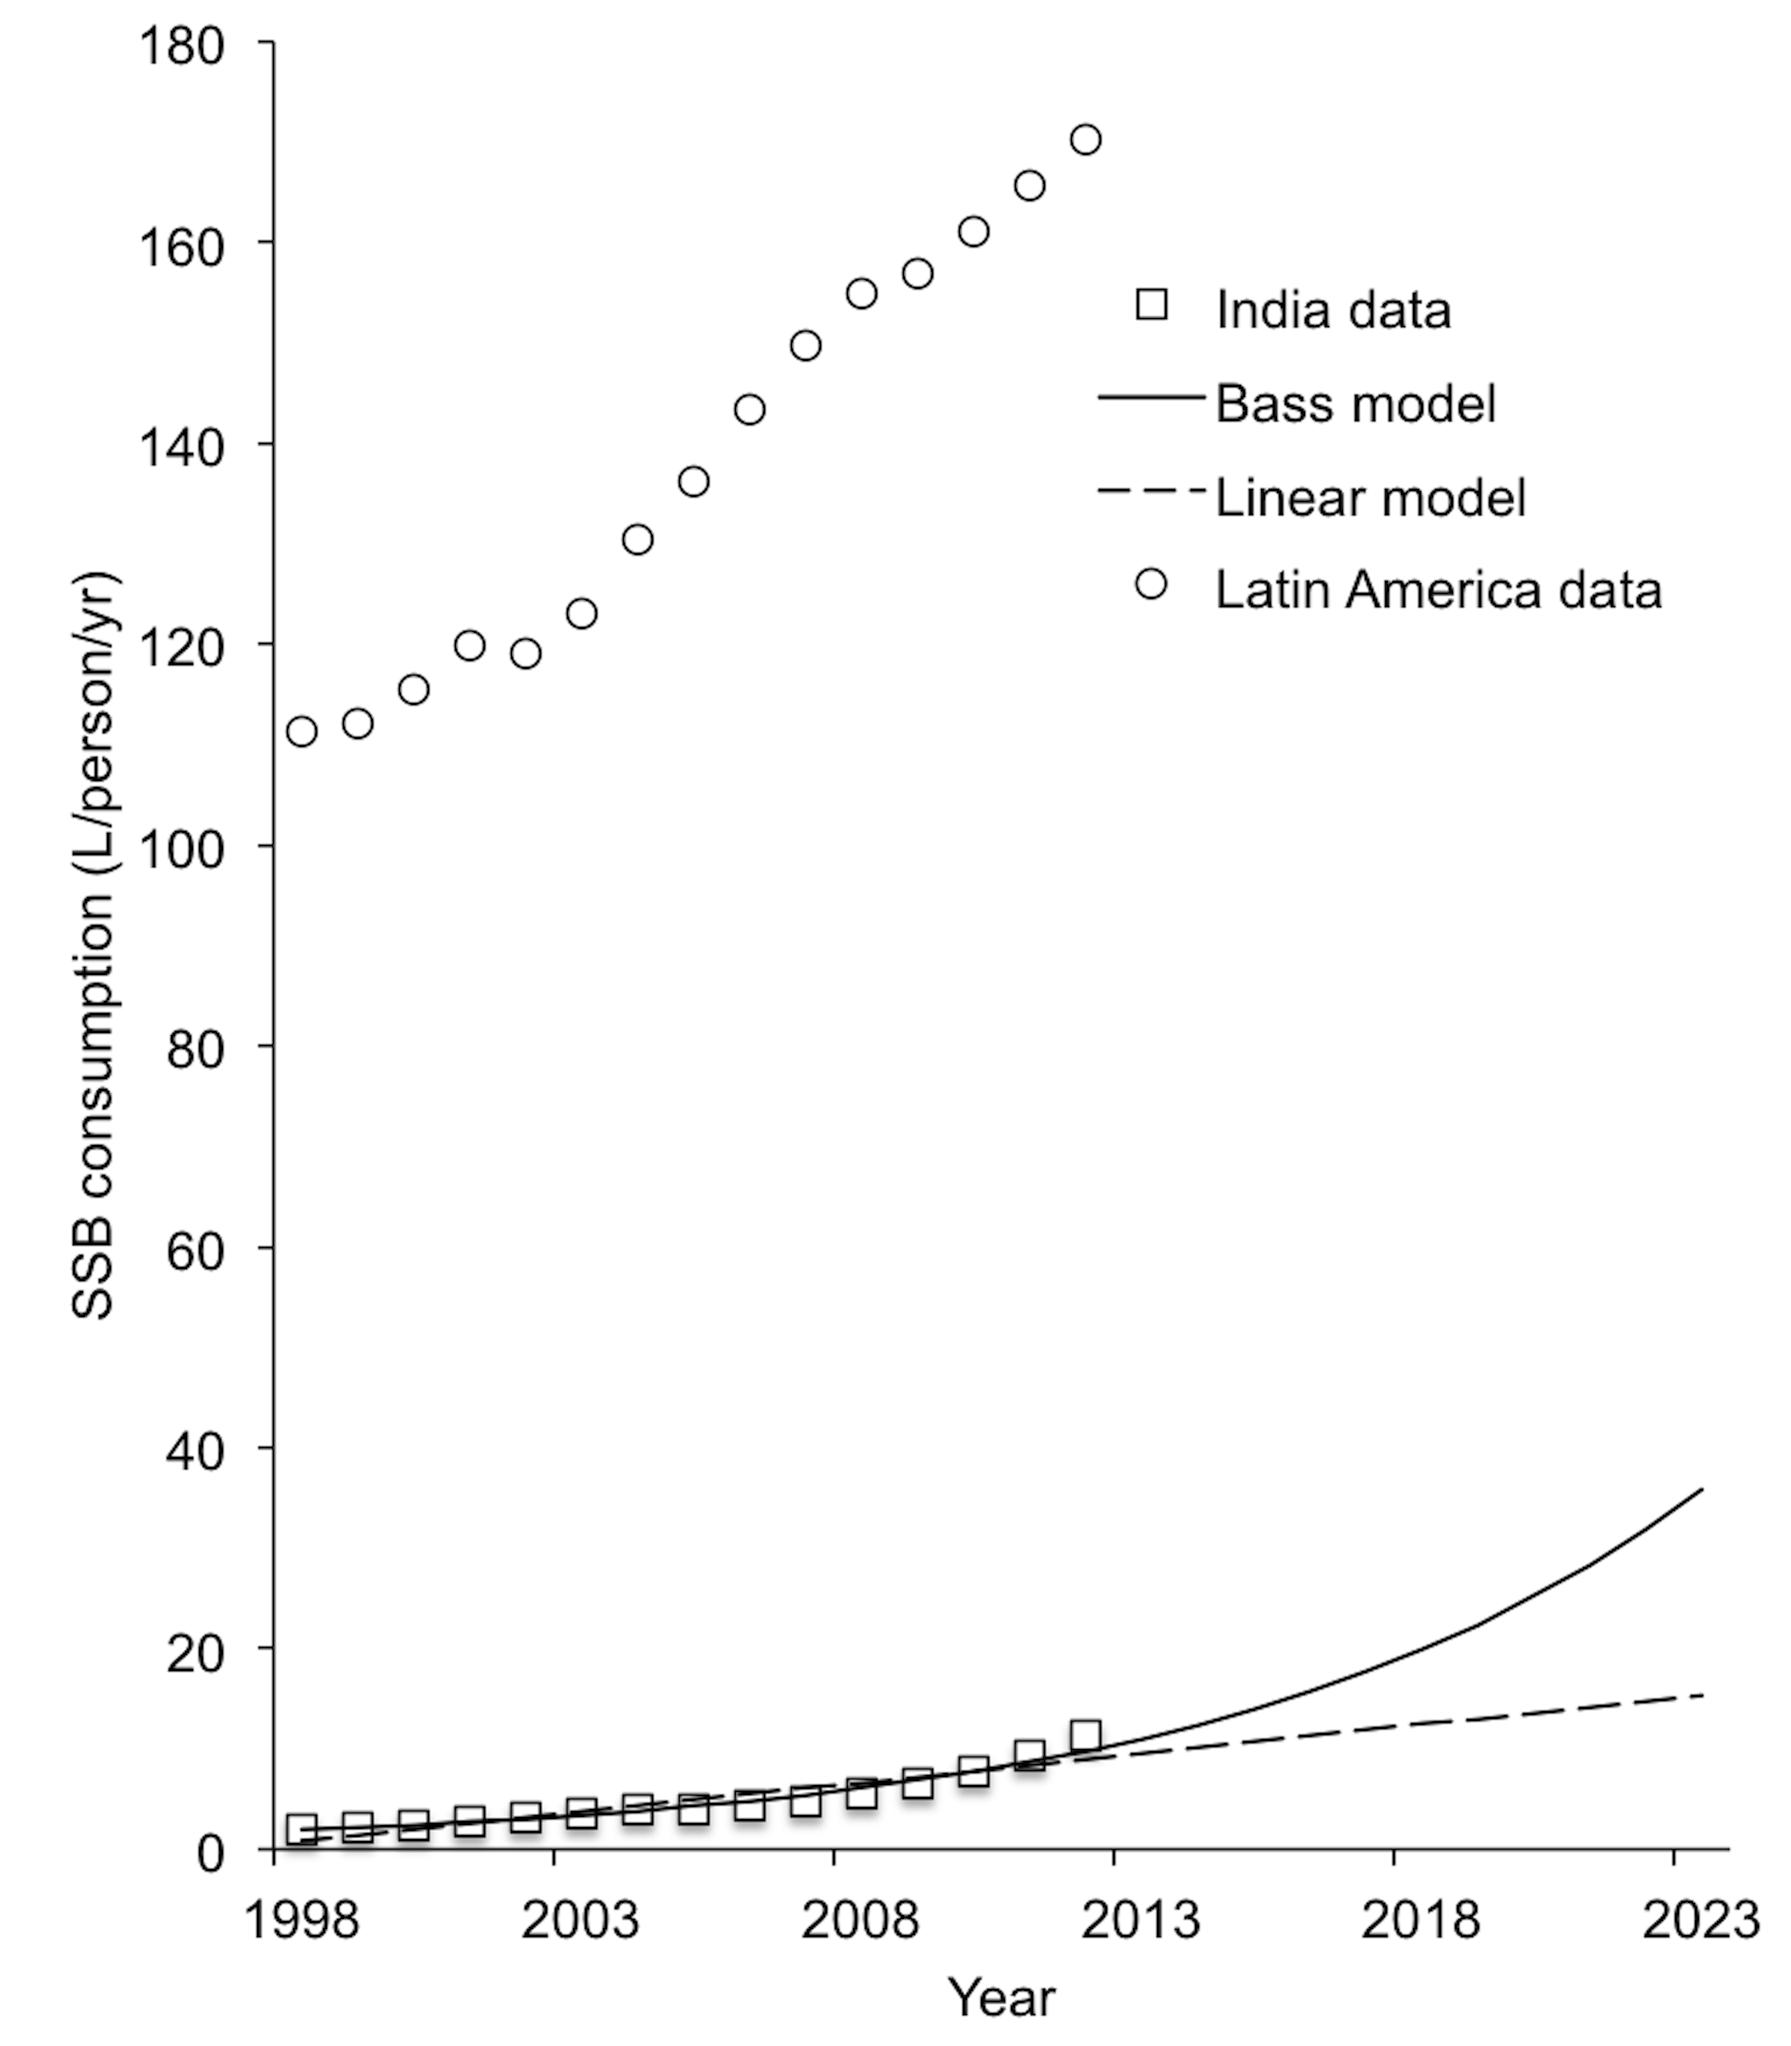 """SSB consumption in liters per capita per year in India, 1998–2012 <em class=""""ref"""">[9]</em>."""